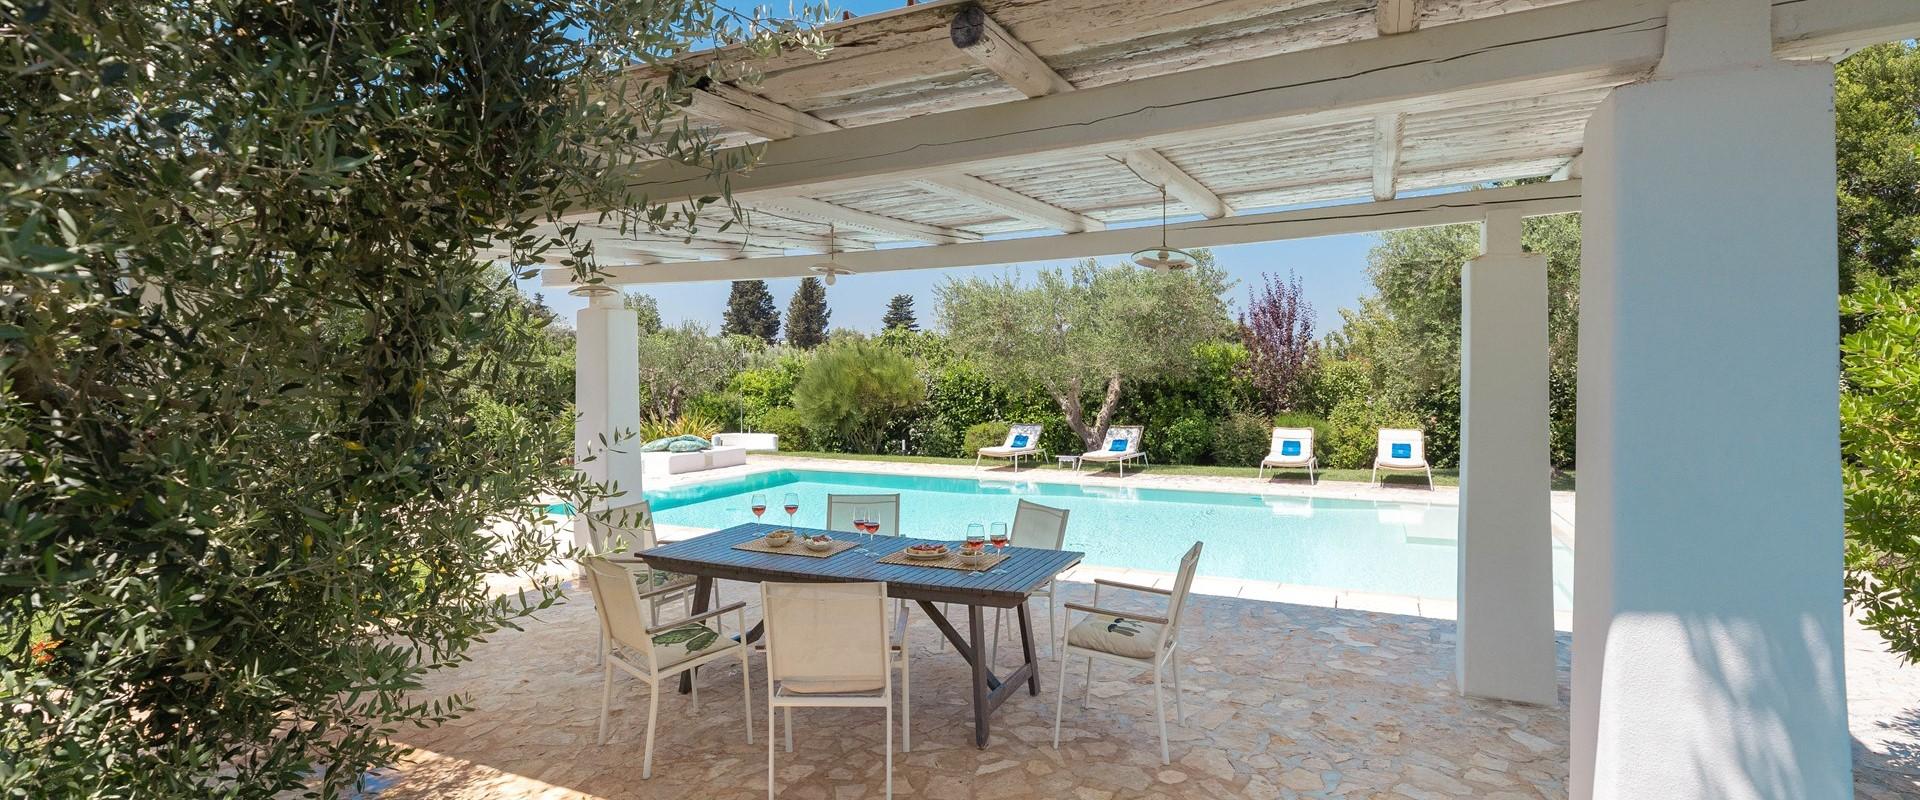 luxury-3-bed-villa-cisternino-puglia